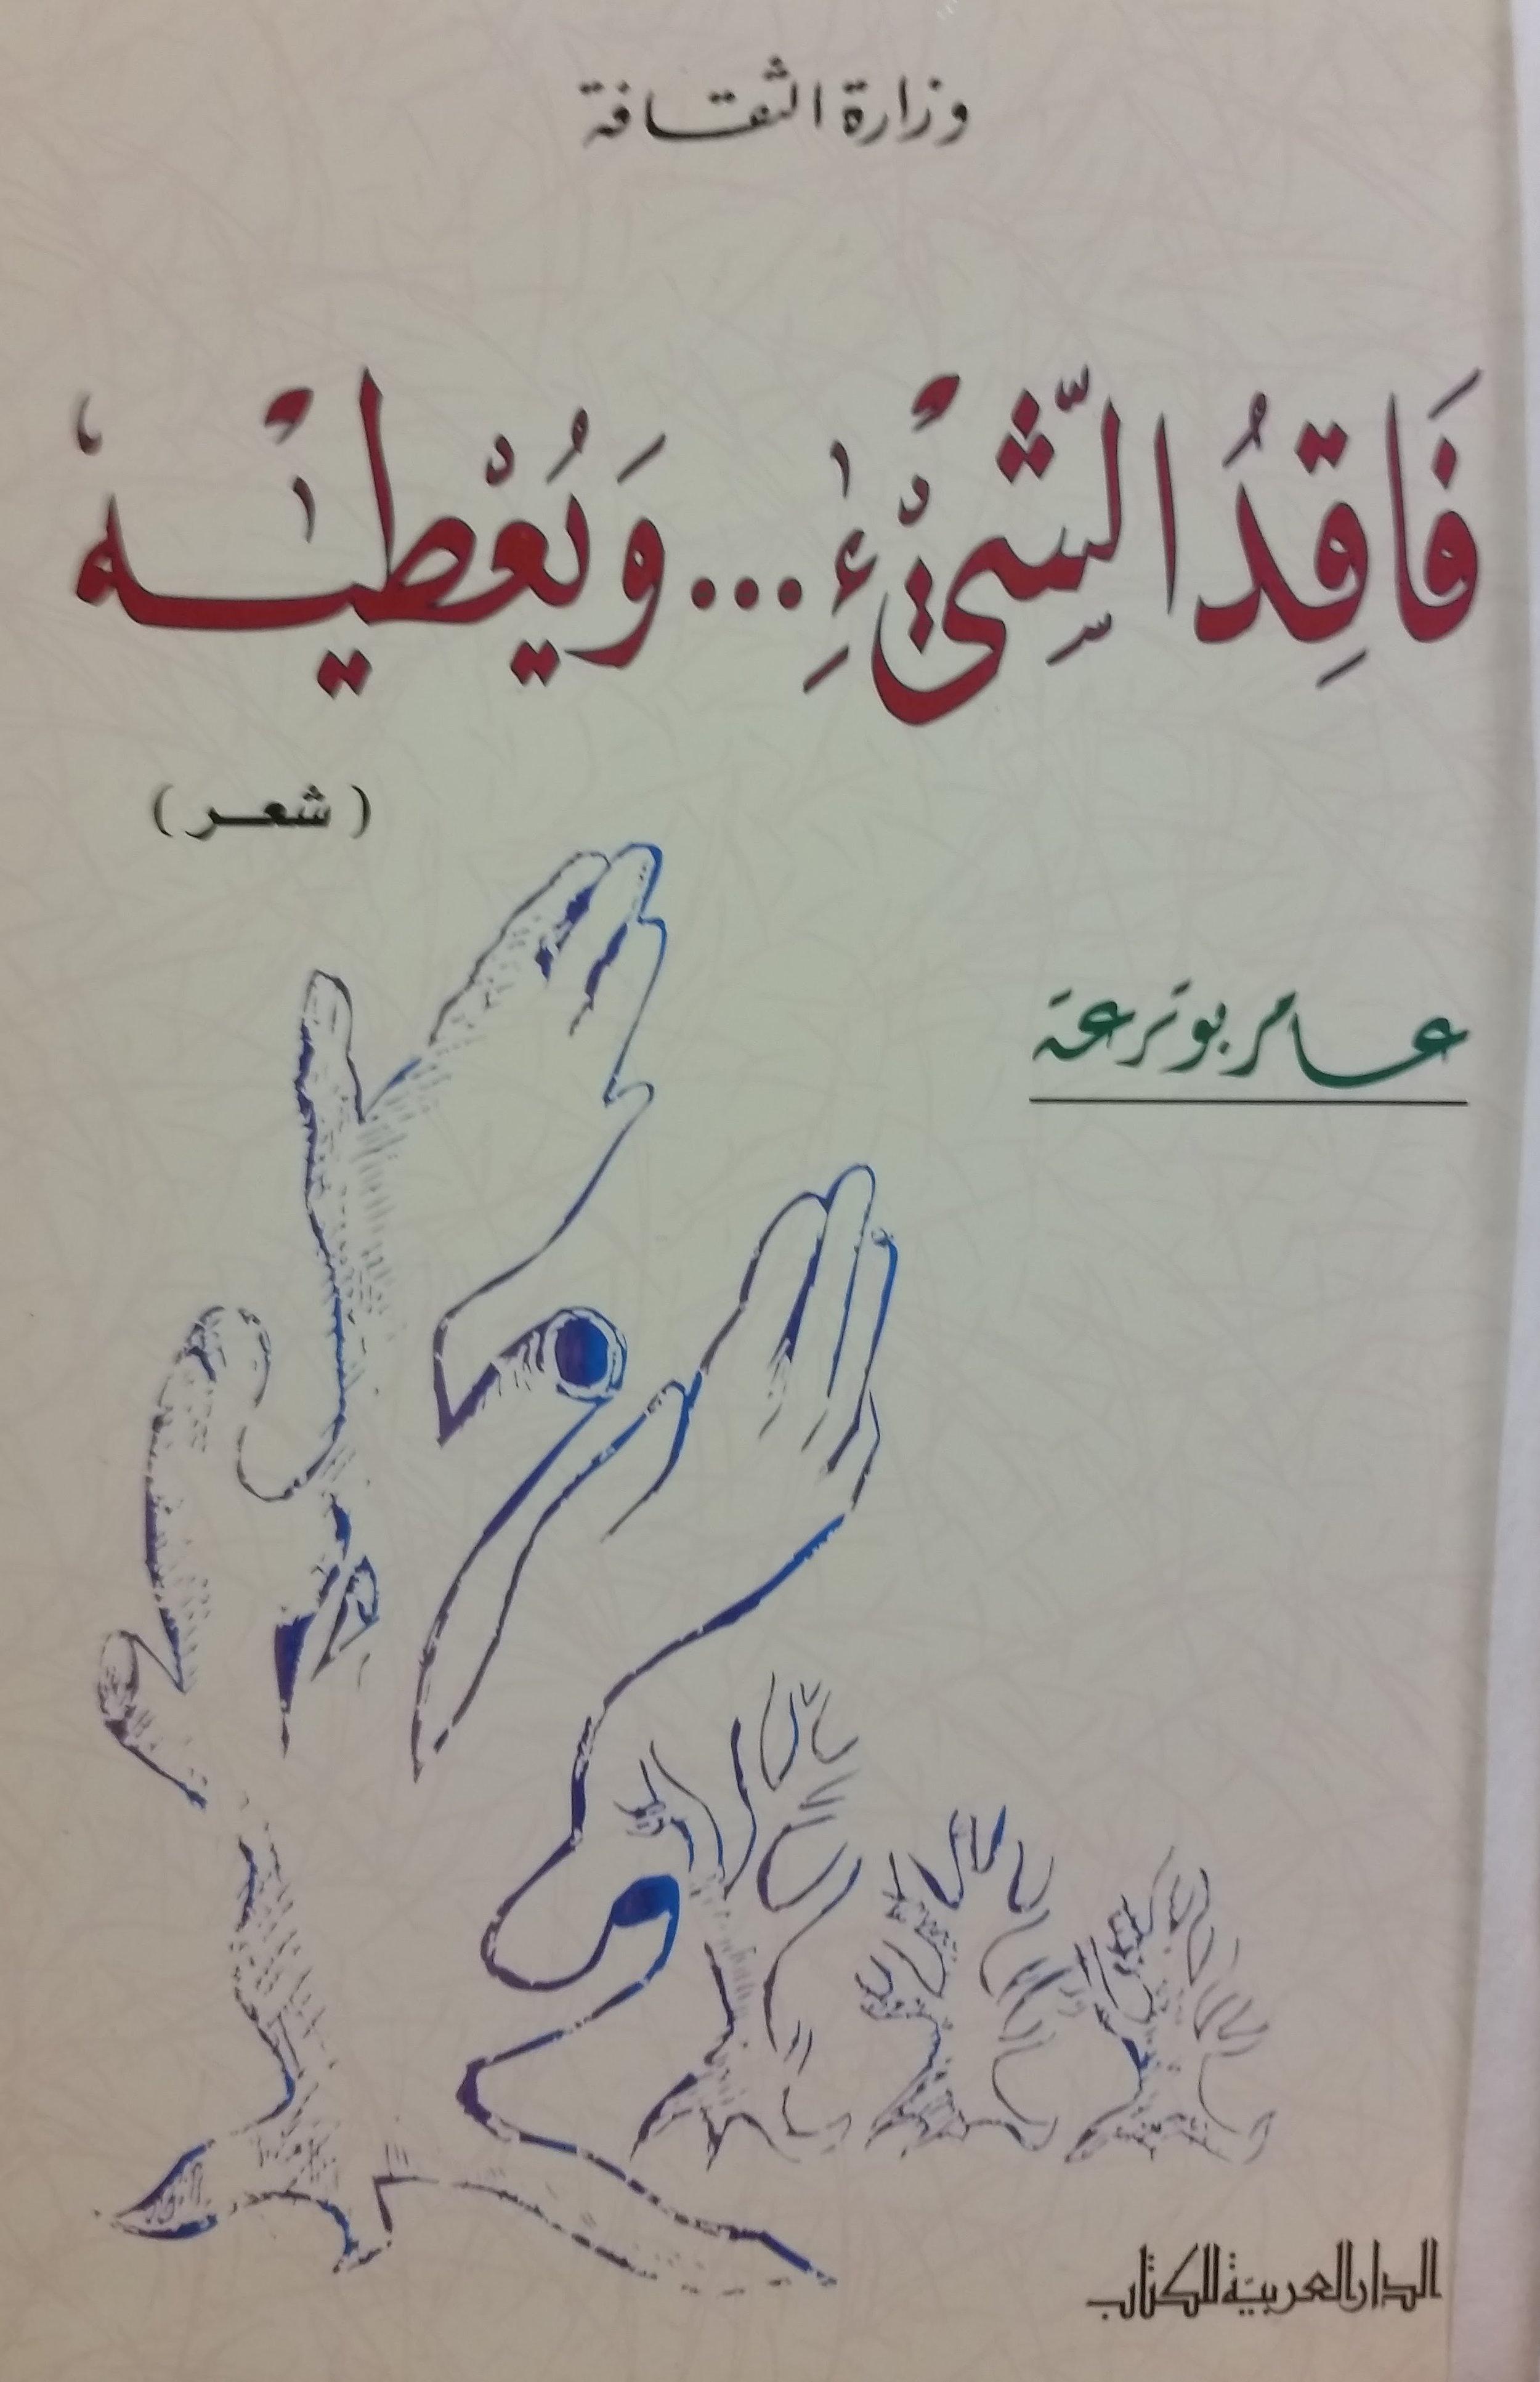 ʻĀmir Bū Turʻah, Fāqid al-shayʾ wa-yuʿṭīhi: shiʿr (Tūnis : al-Dār al-ʻArabīyah li-l-Kitāb, 2001)